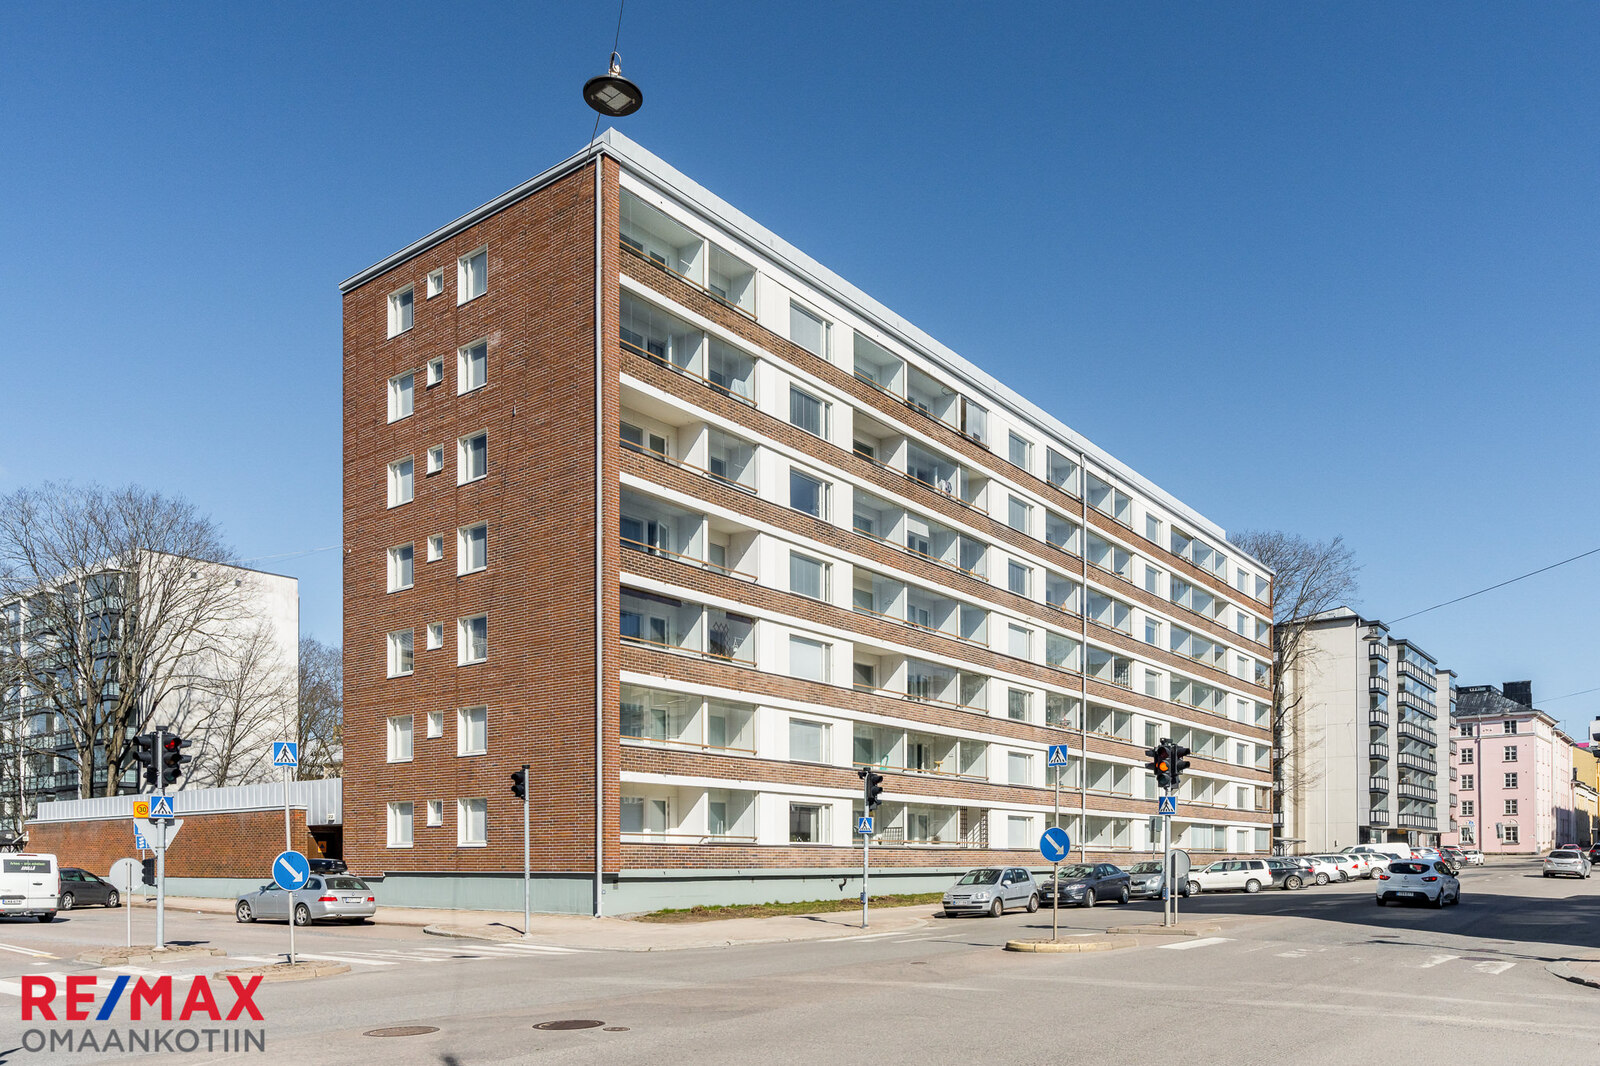 Itäinen Keskusta, Turku